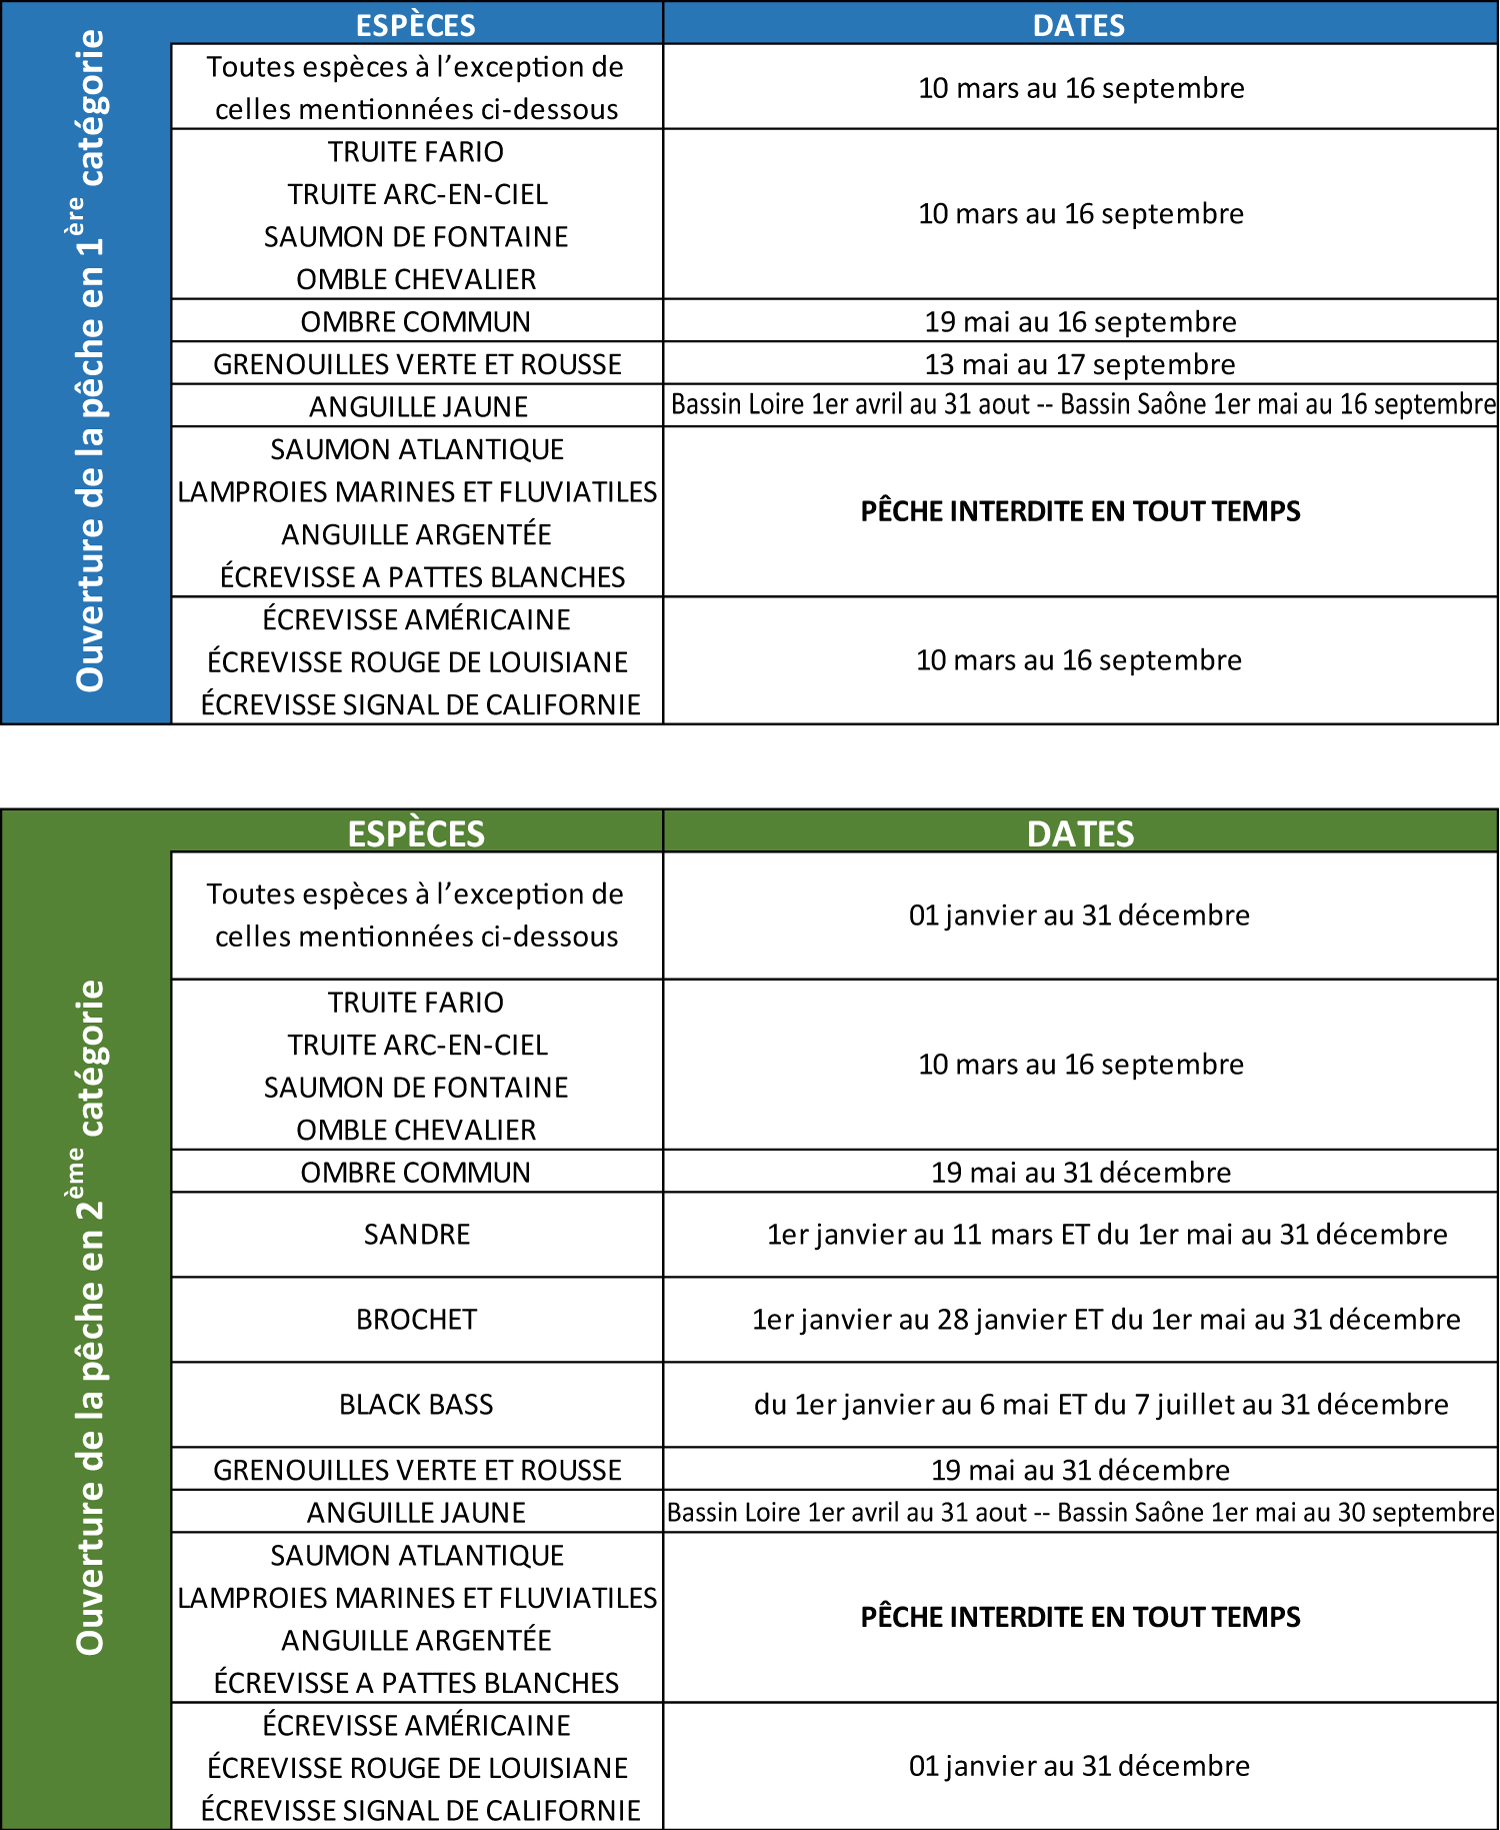 Date d'ouverture de la pêche en Saône-et-Loire pour l'année 2018